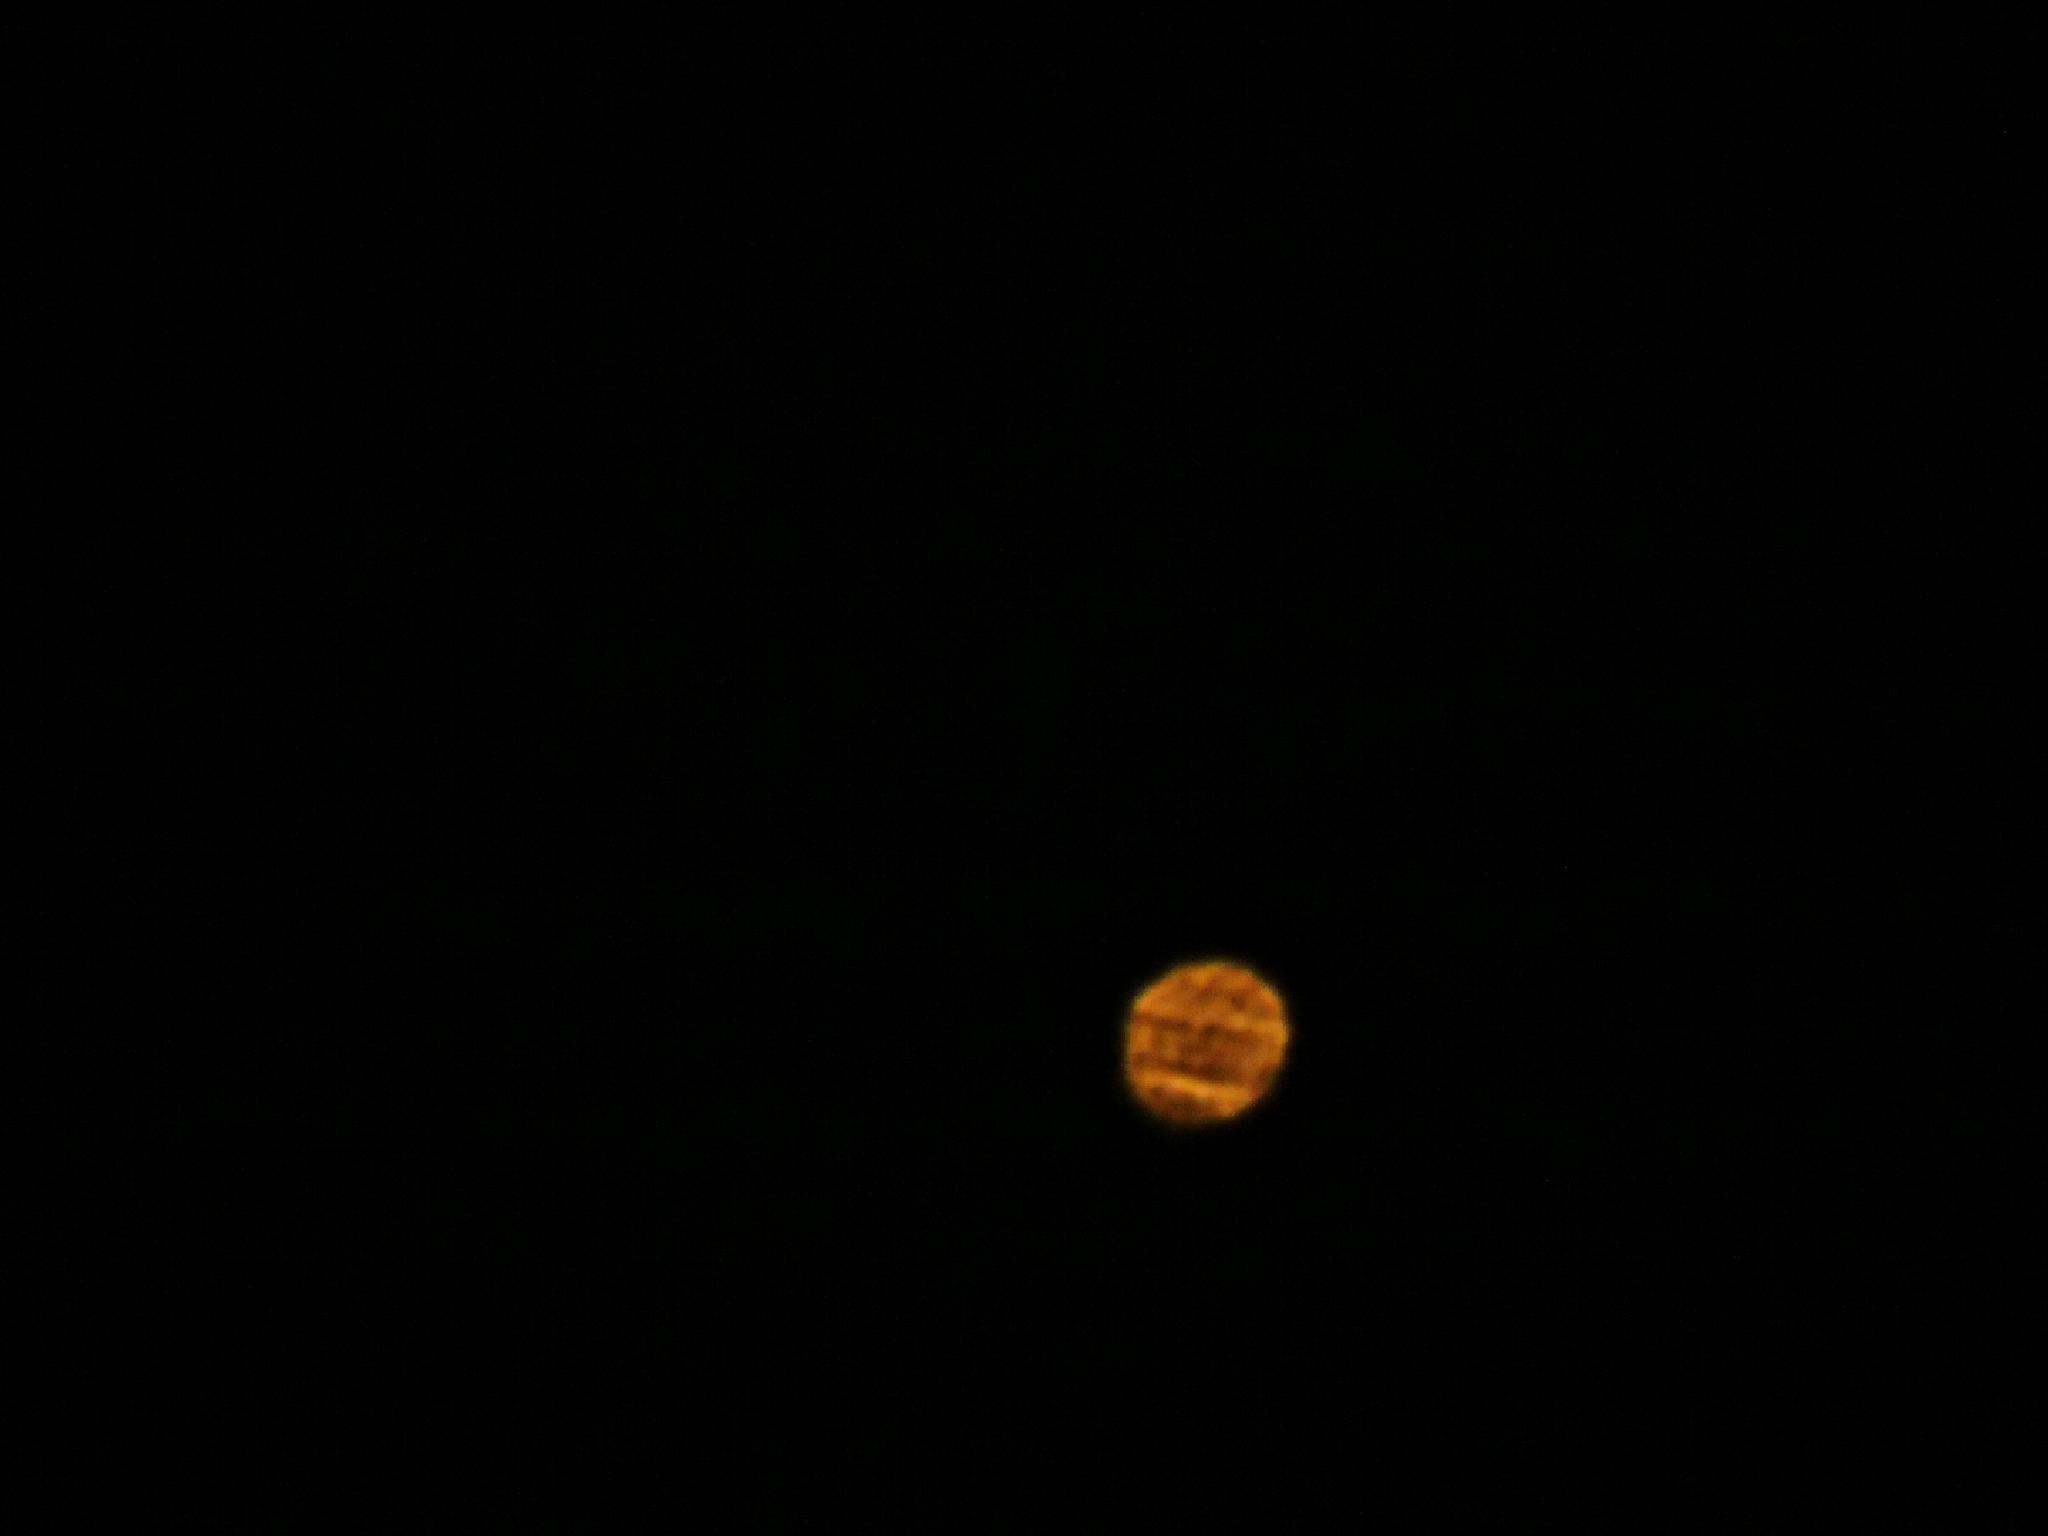 Venus by kmortoza38